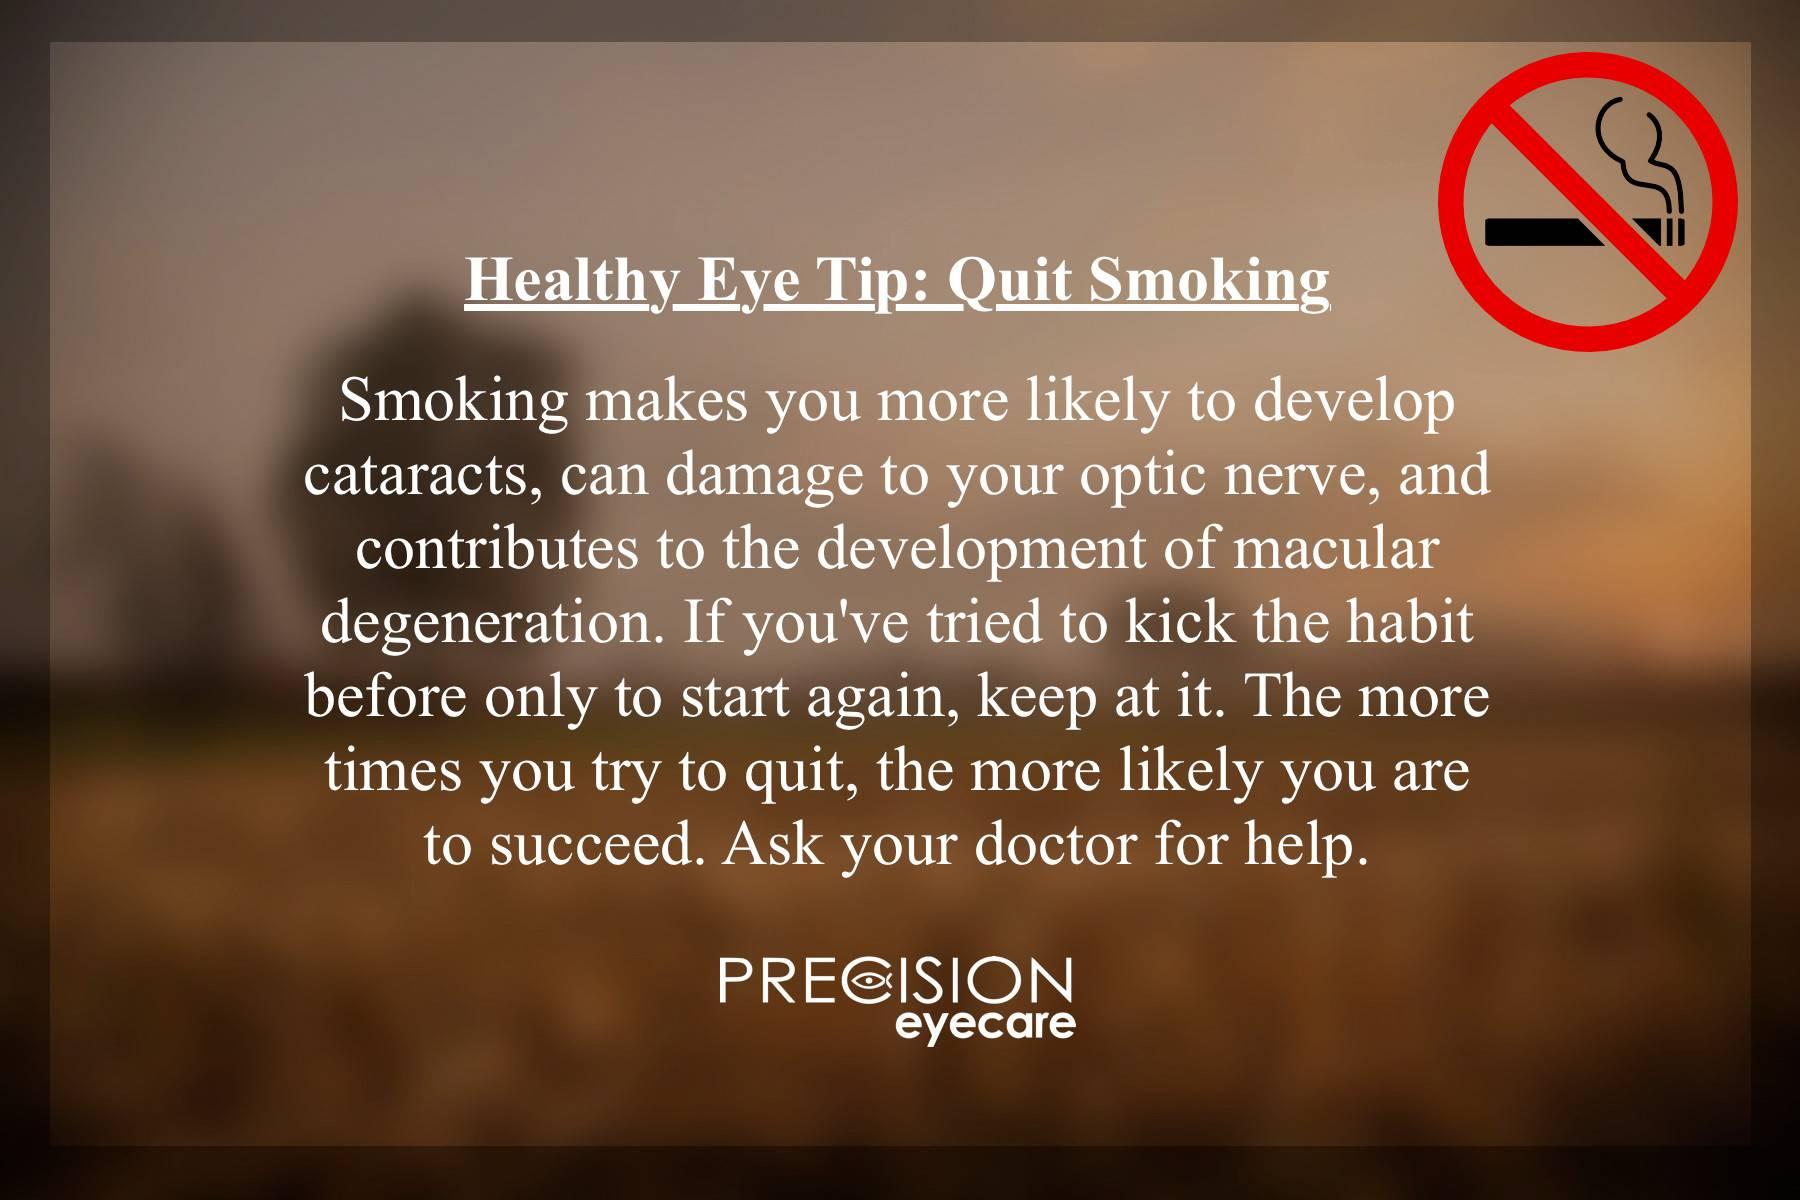 Healthy Eye Tip Quit Smoking 1